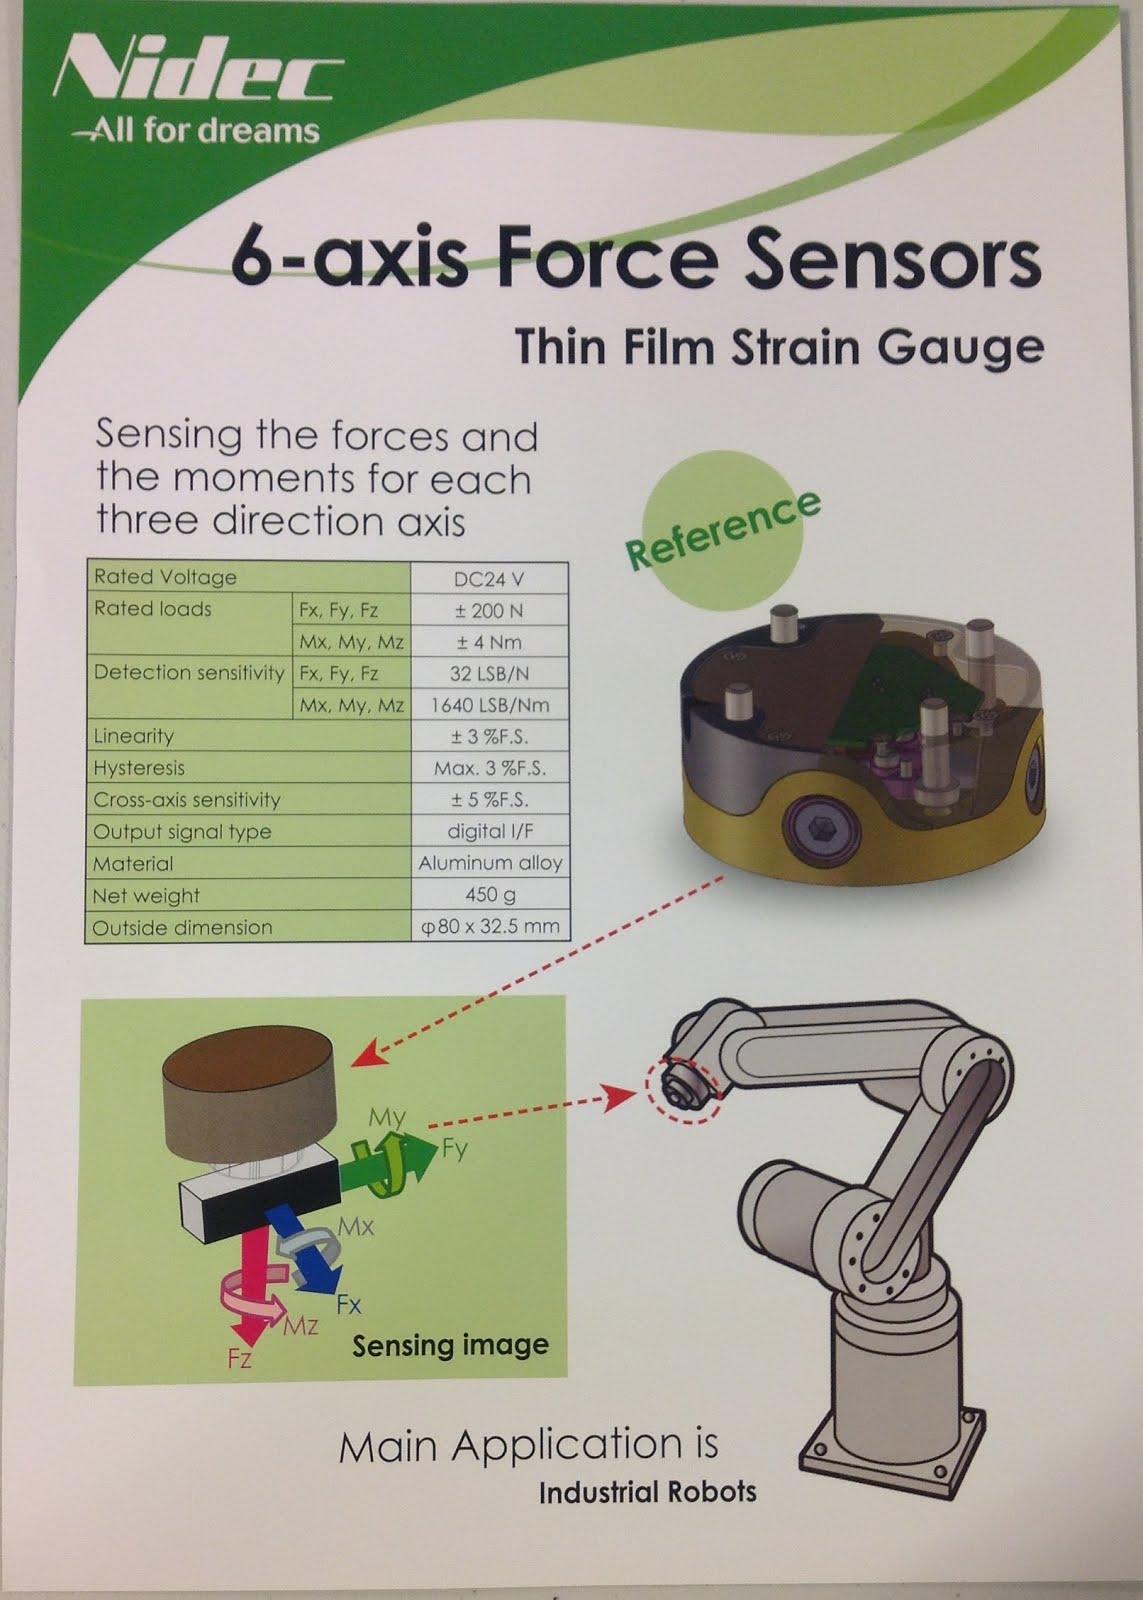 Telerobotics: Nidec - 6 axis force sensor for robotics